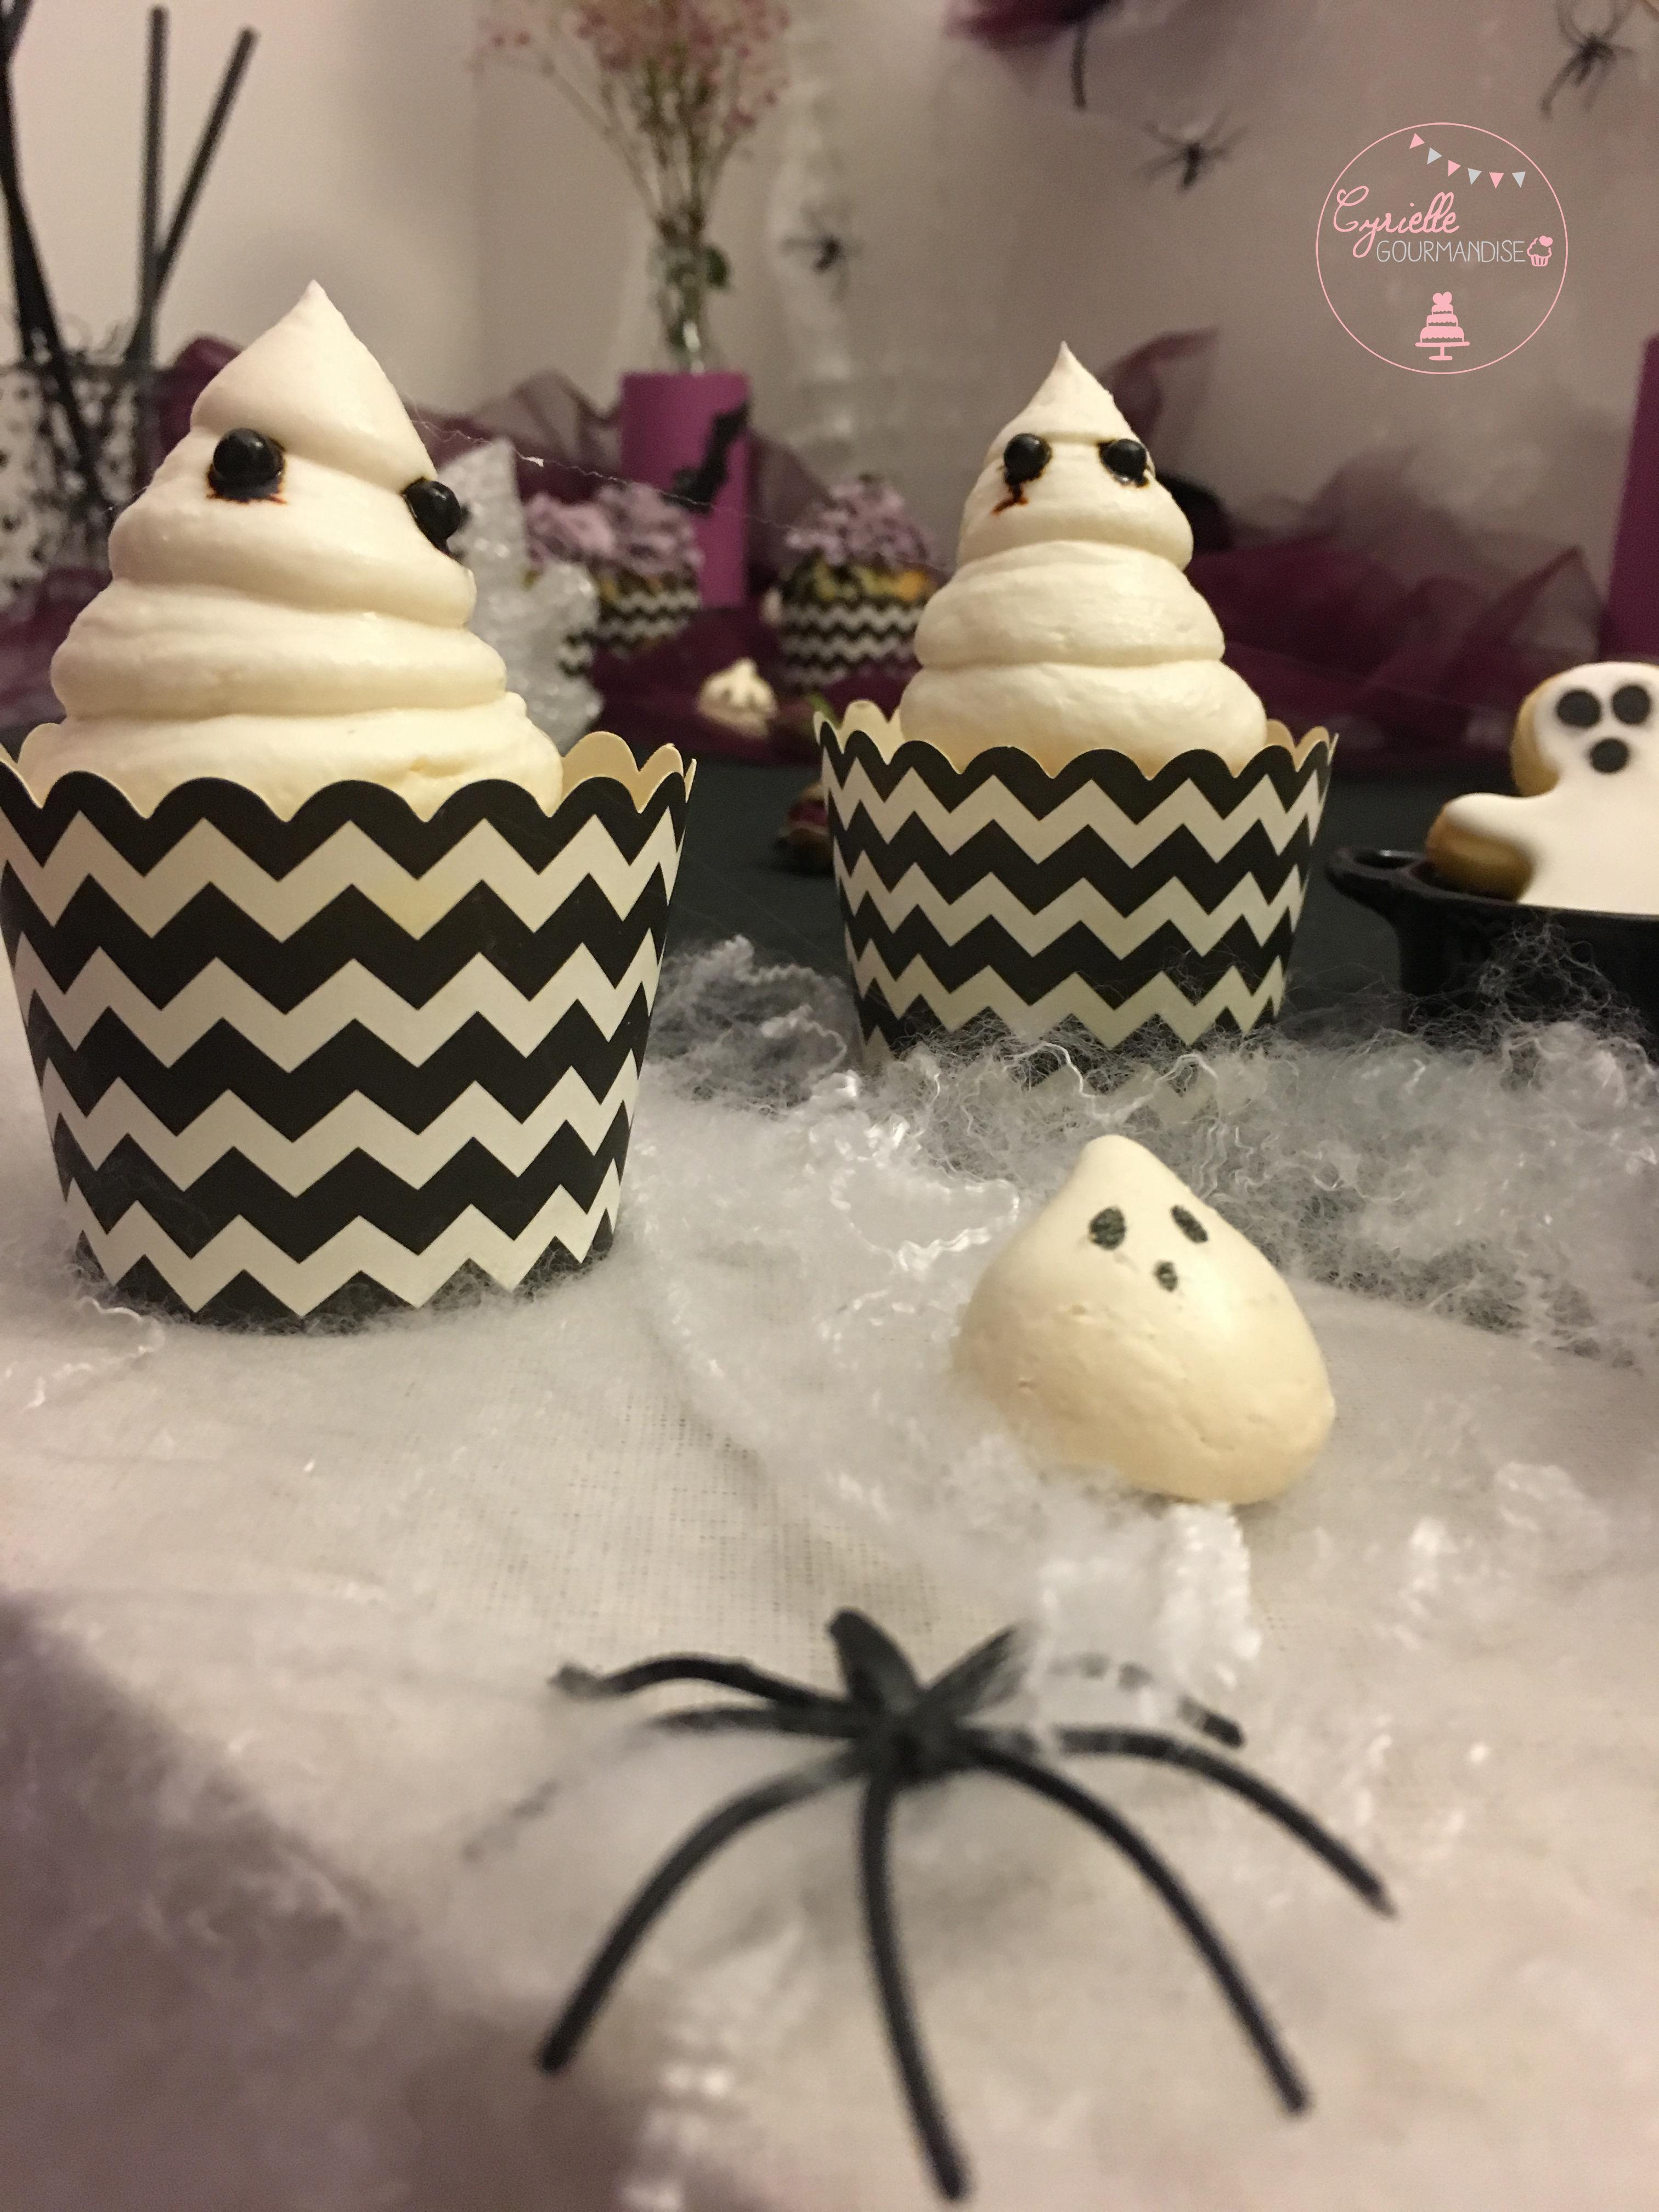 cupcakes-potiron-chevre-2